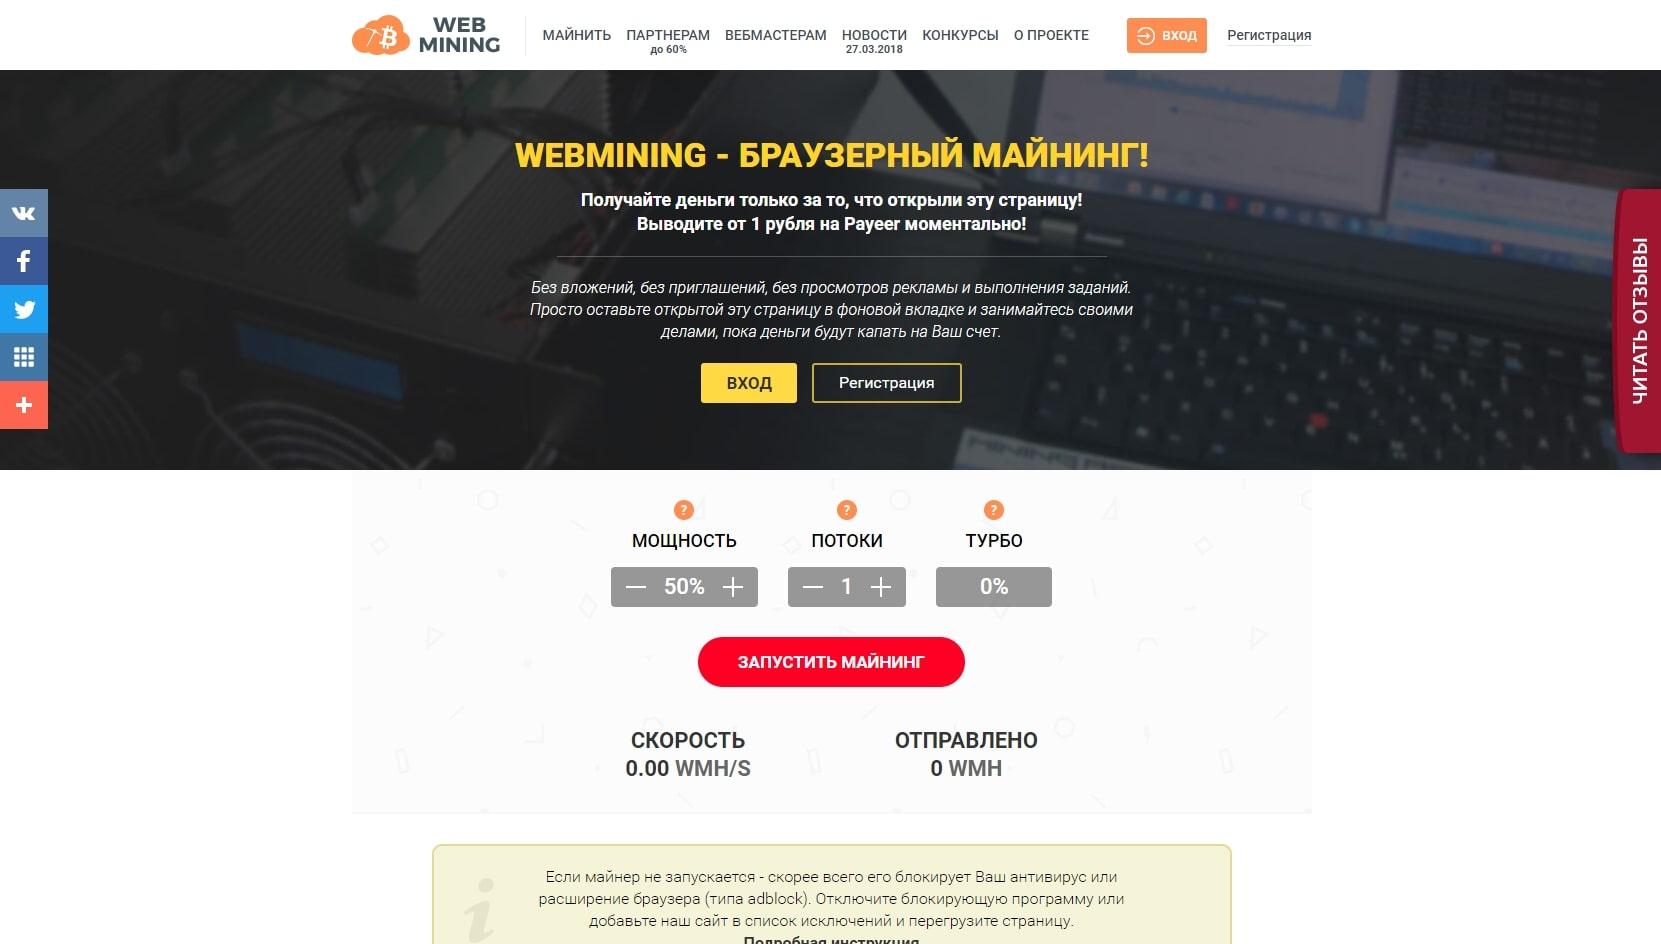 Сервис WebMining